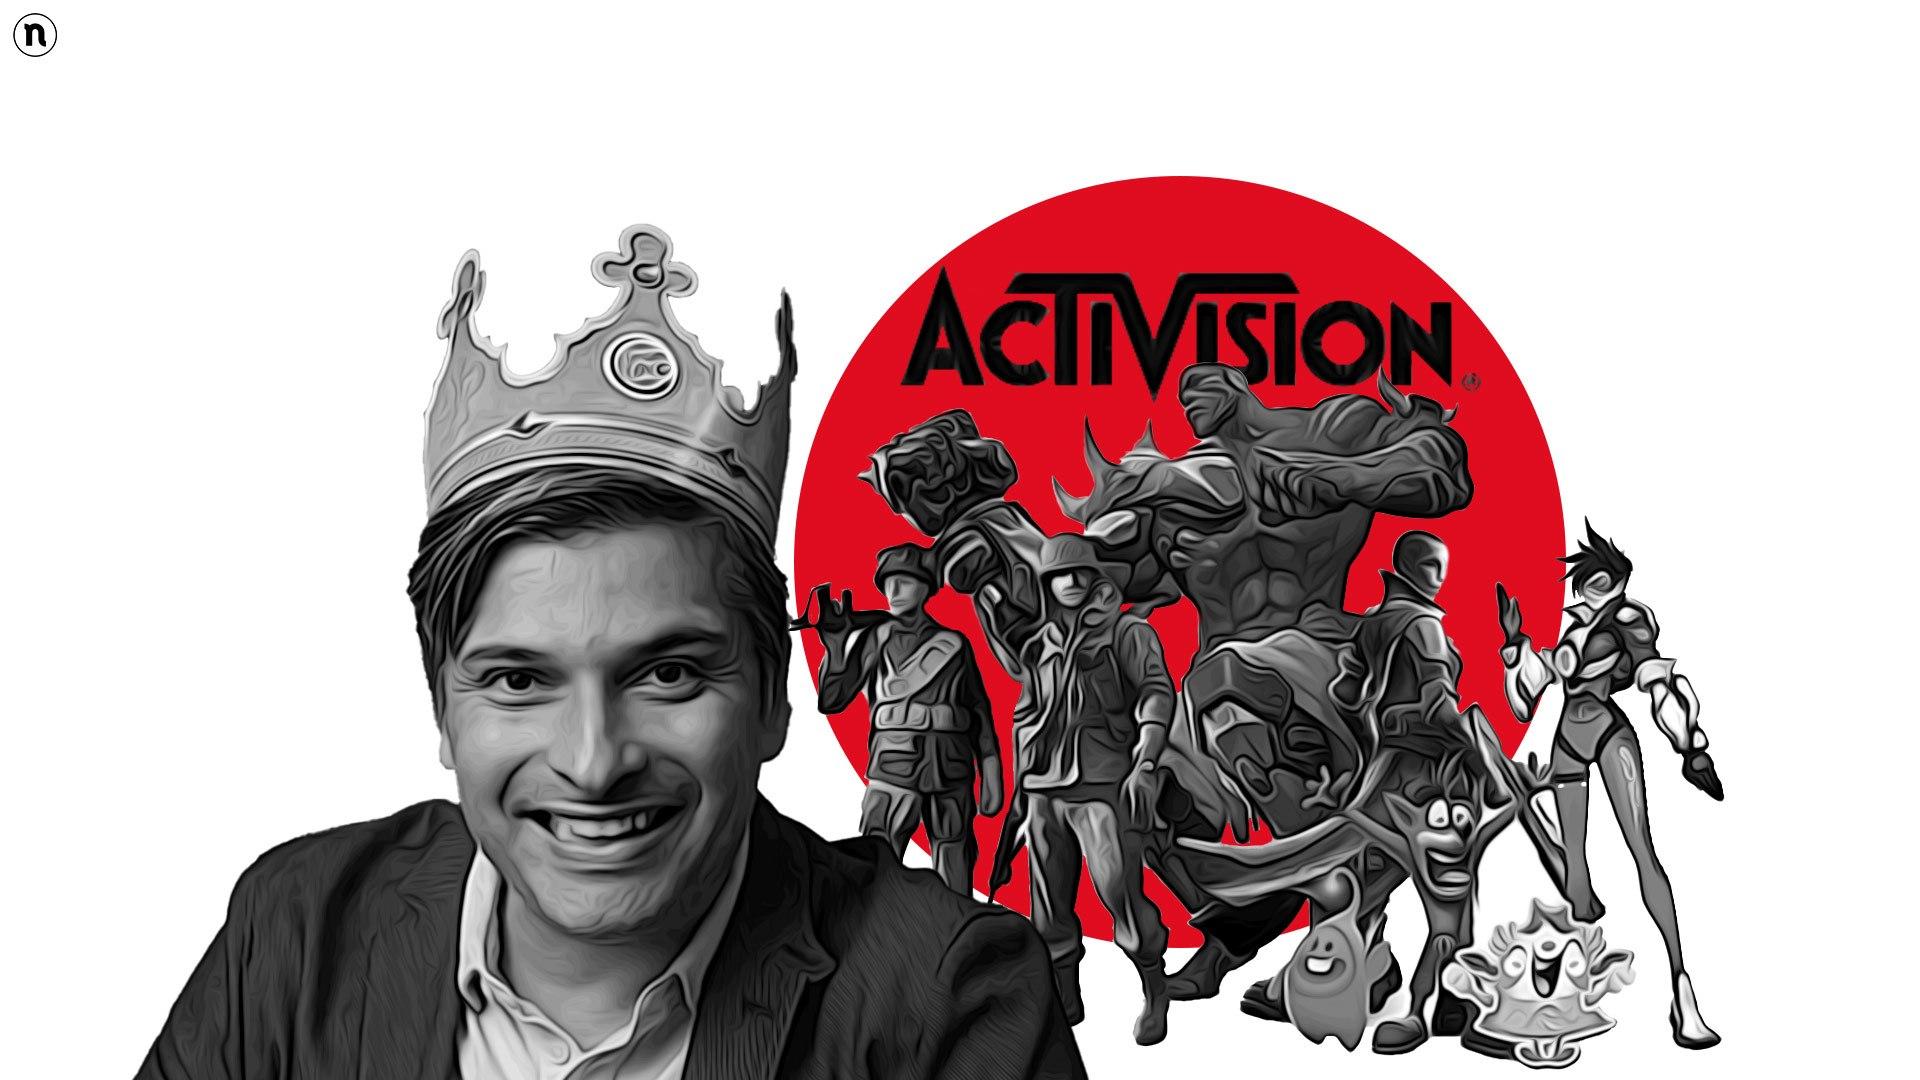 Fernando Machado alla conquista dei gamer e degli eSports